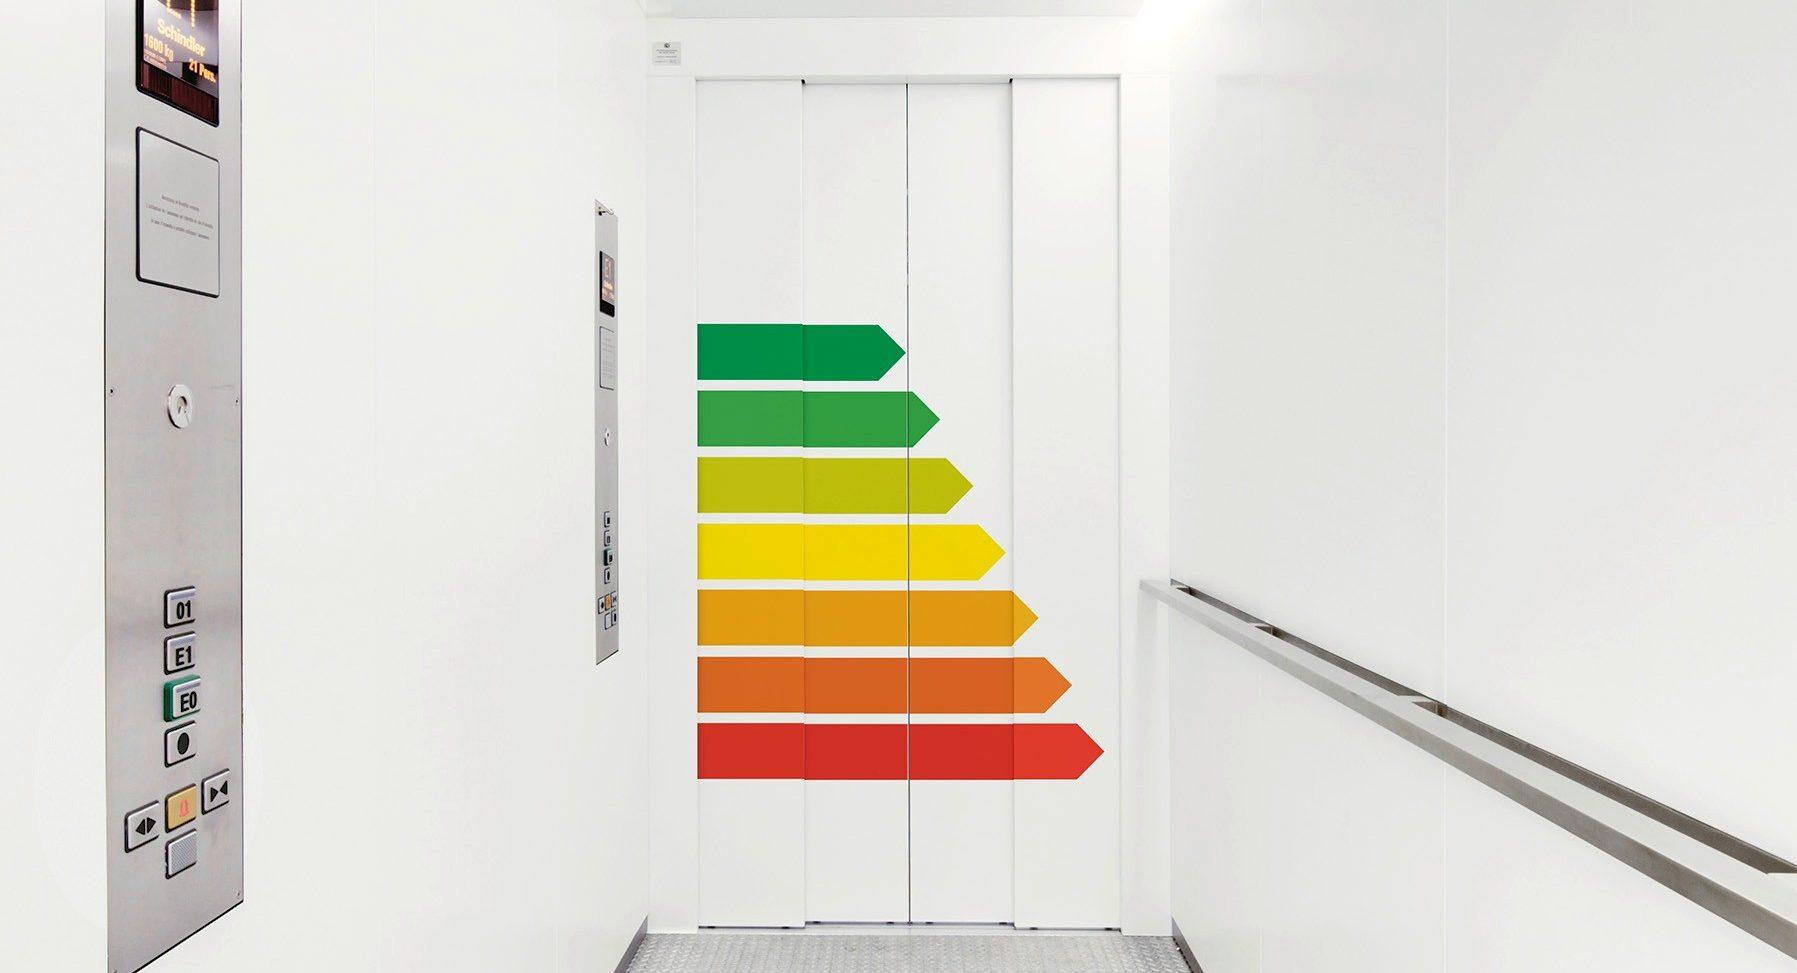 Pour des ascenseurs plus efficaces